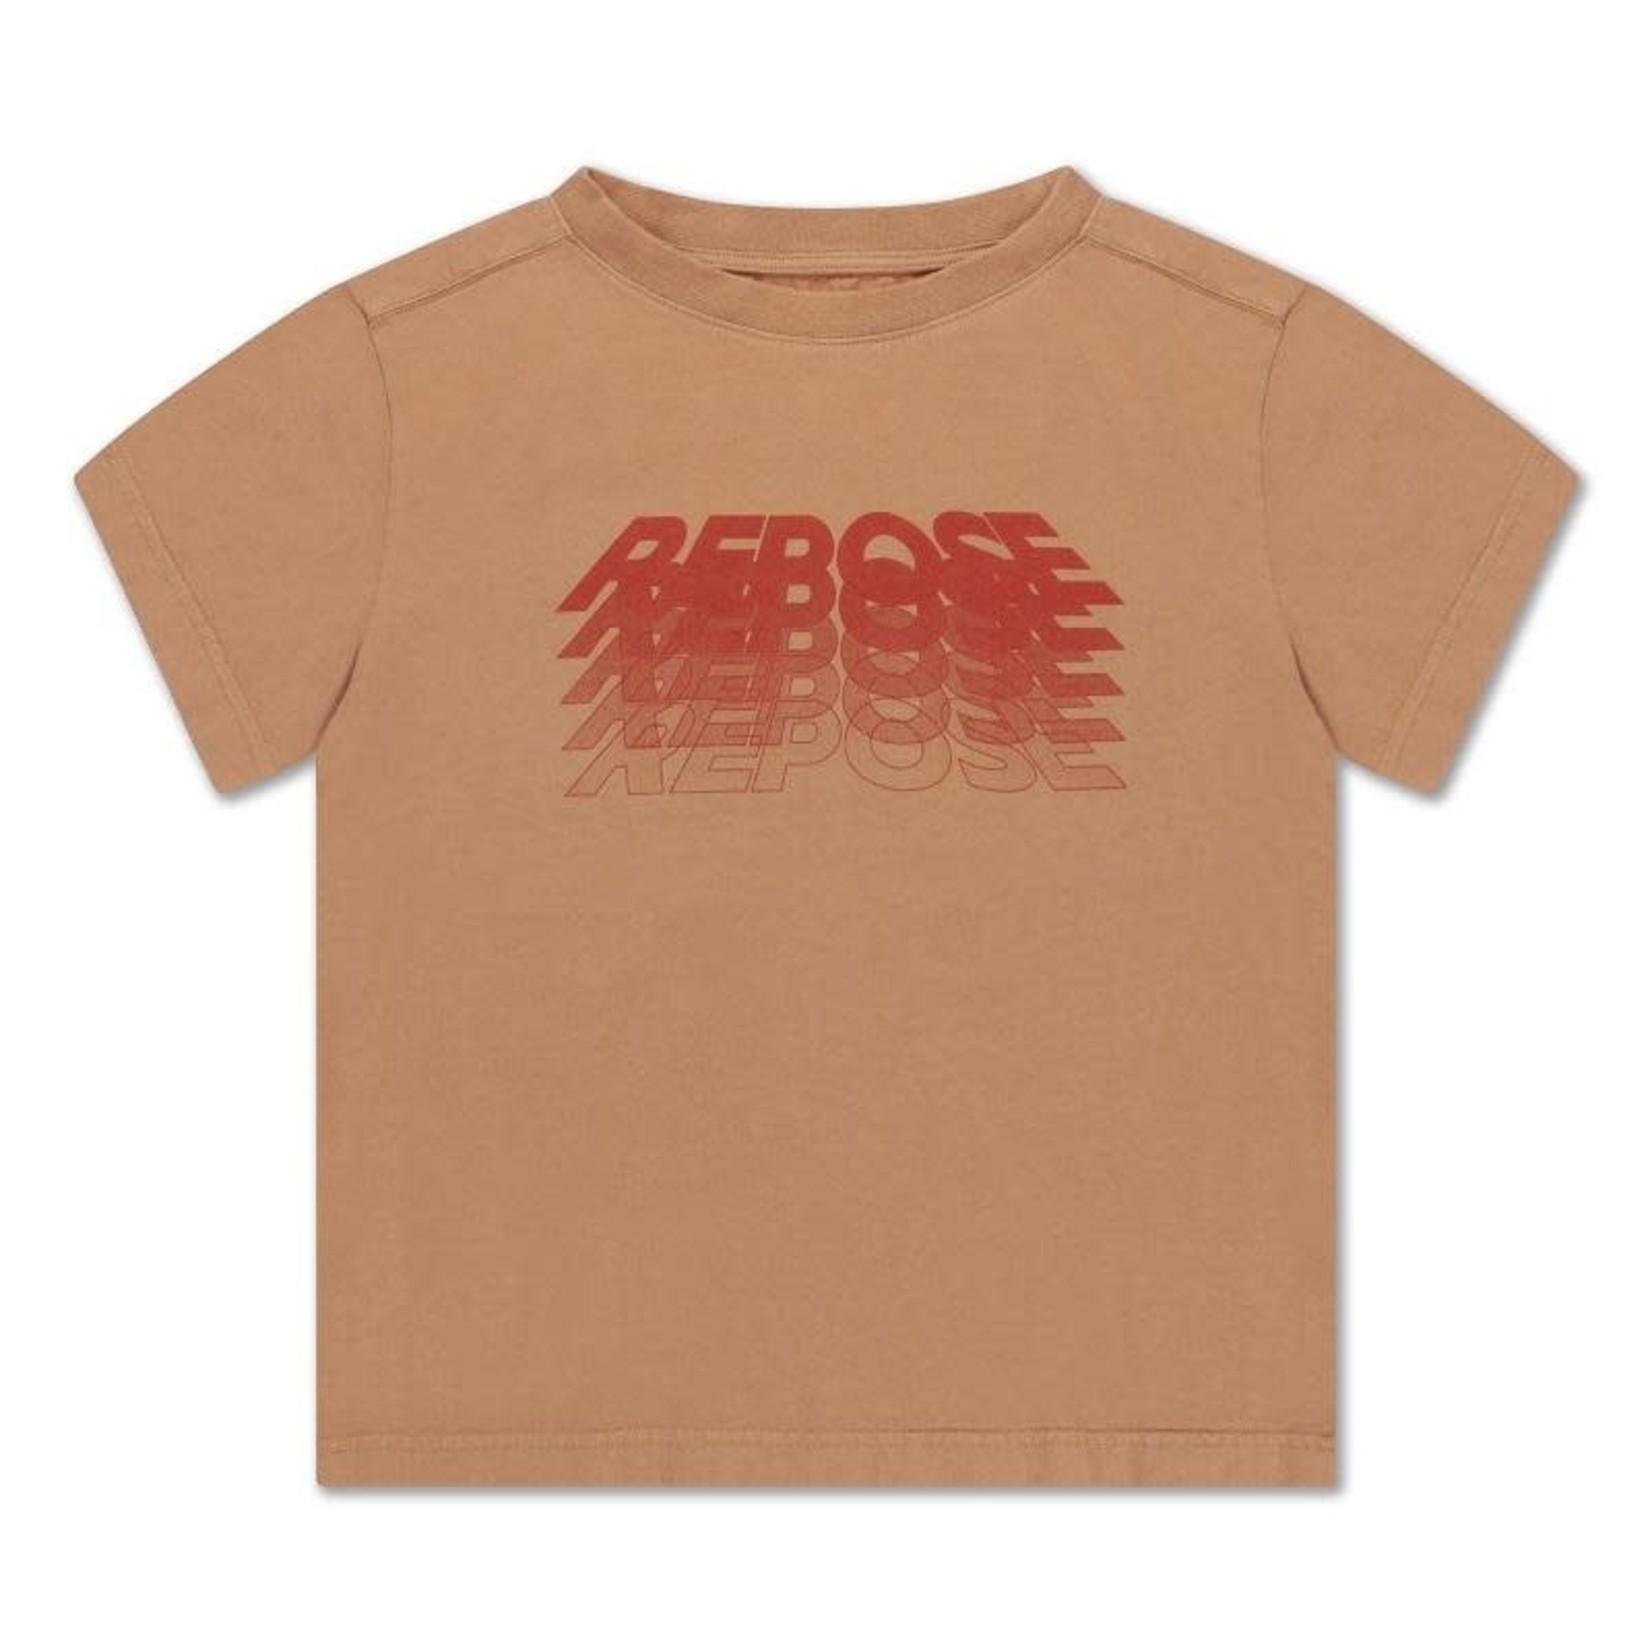 REPOSE AMS REPOSE t-shirt tekst